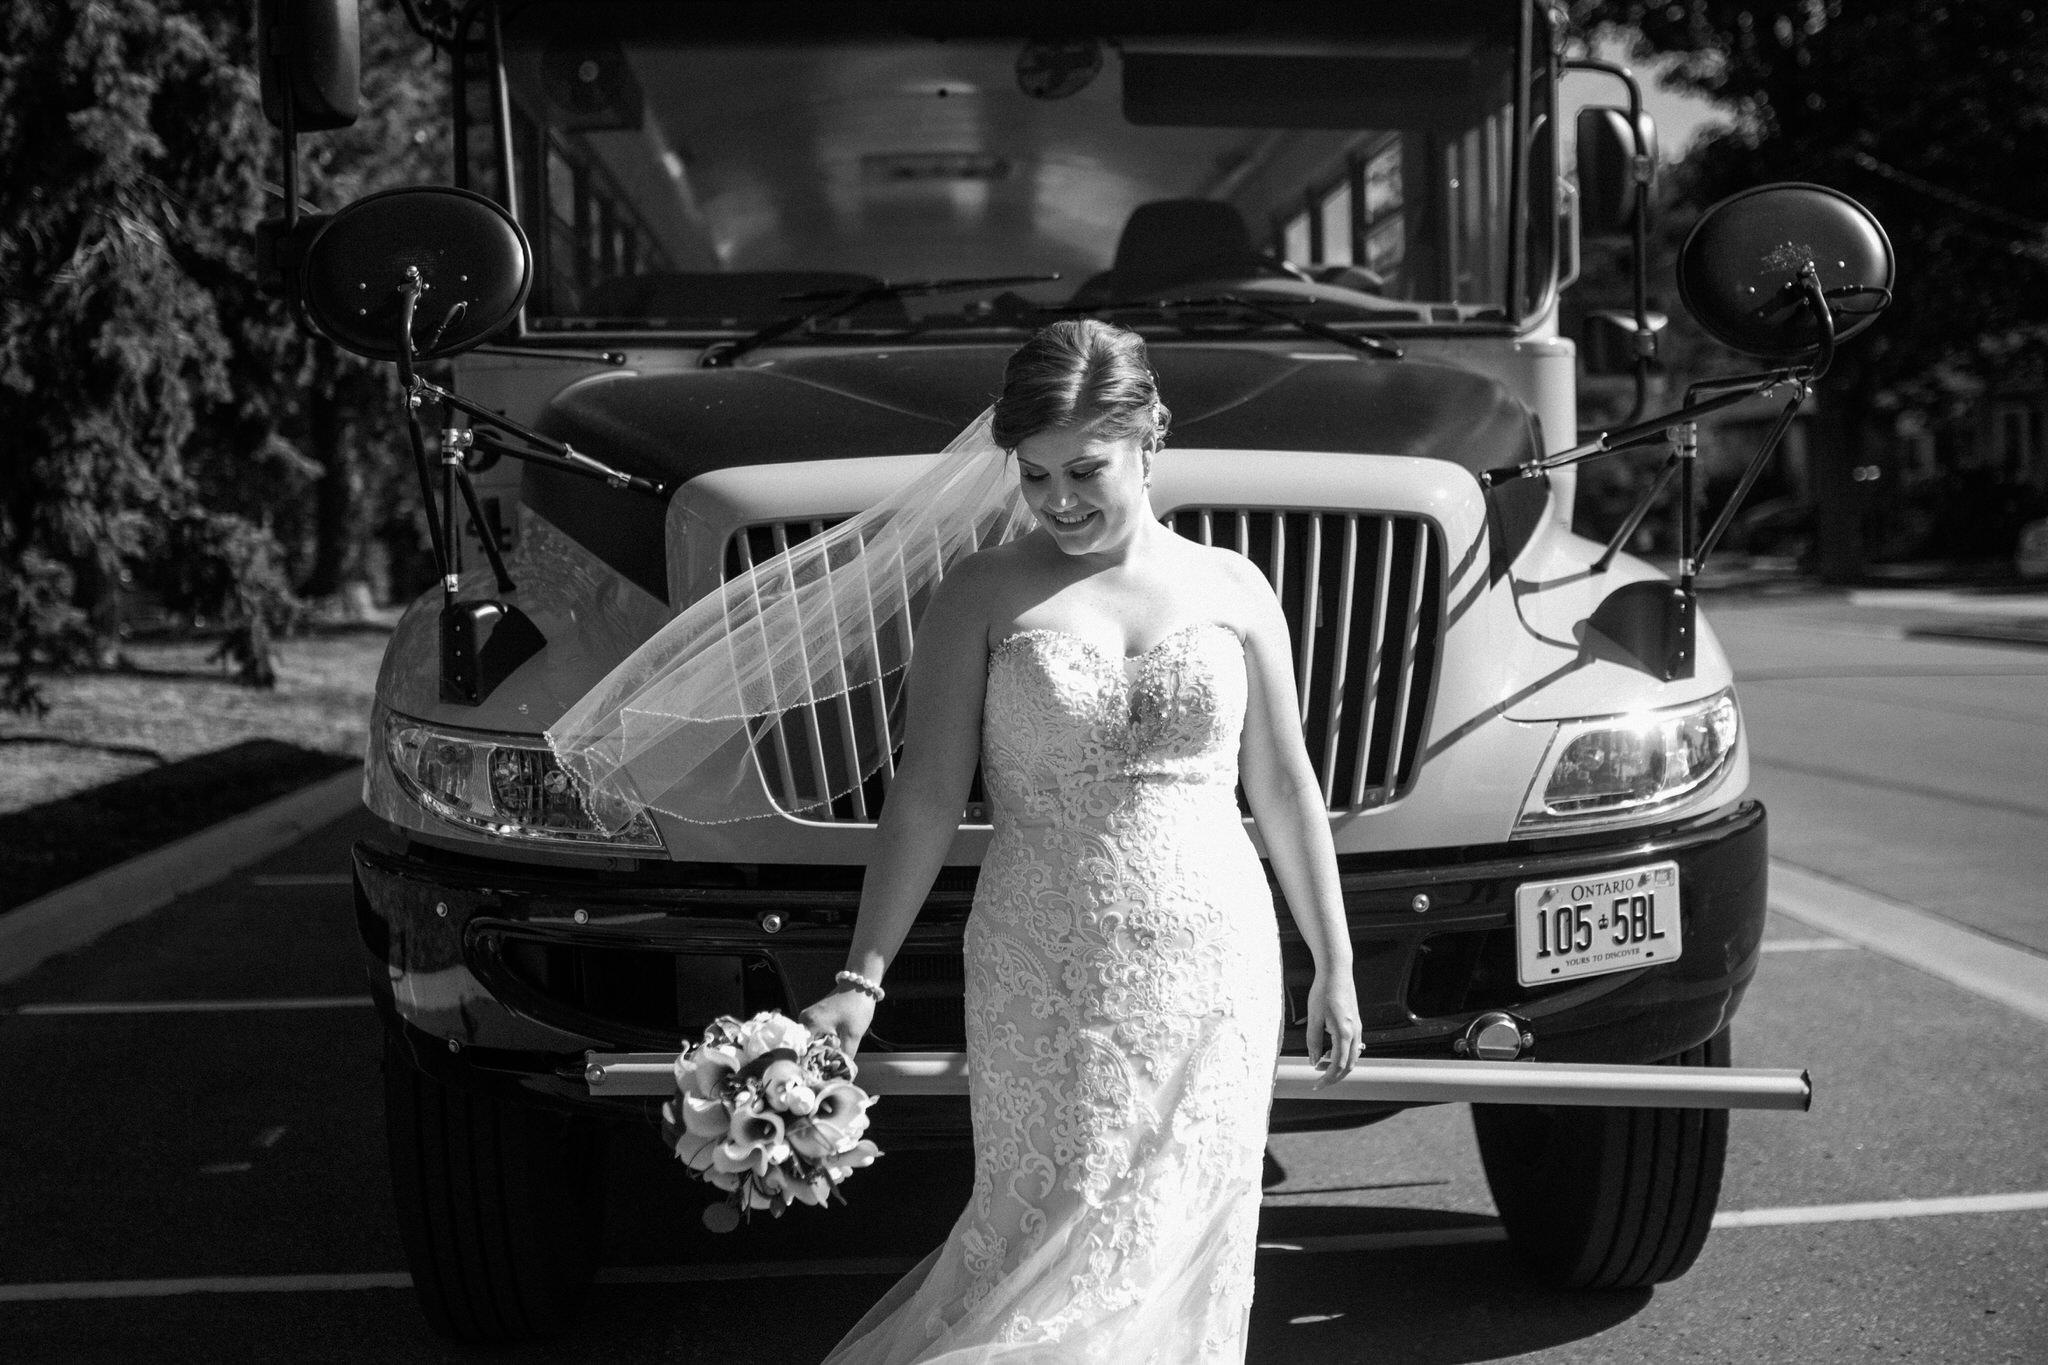 Brock Street Brewing Co. Wedding - bride's veil blowing in the wind